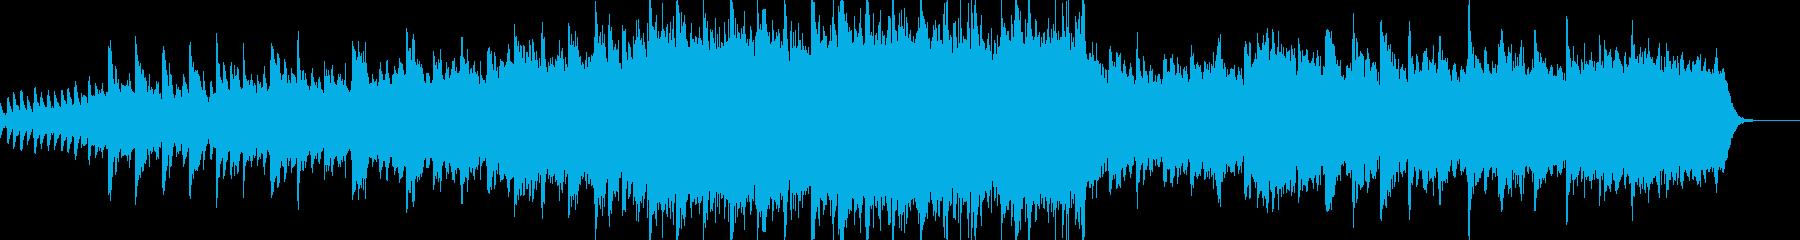 クラシック交響曲 厳Sol ファン...の再生済みの波形